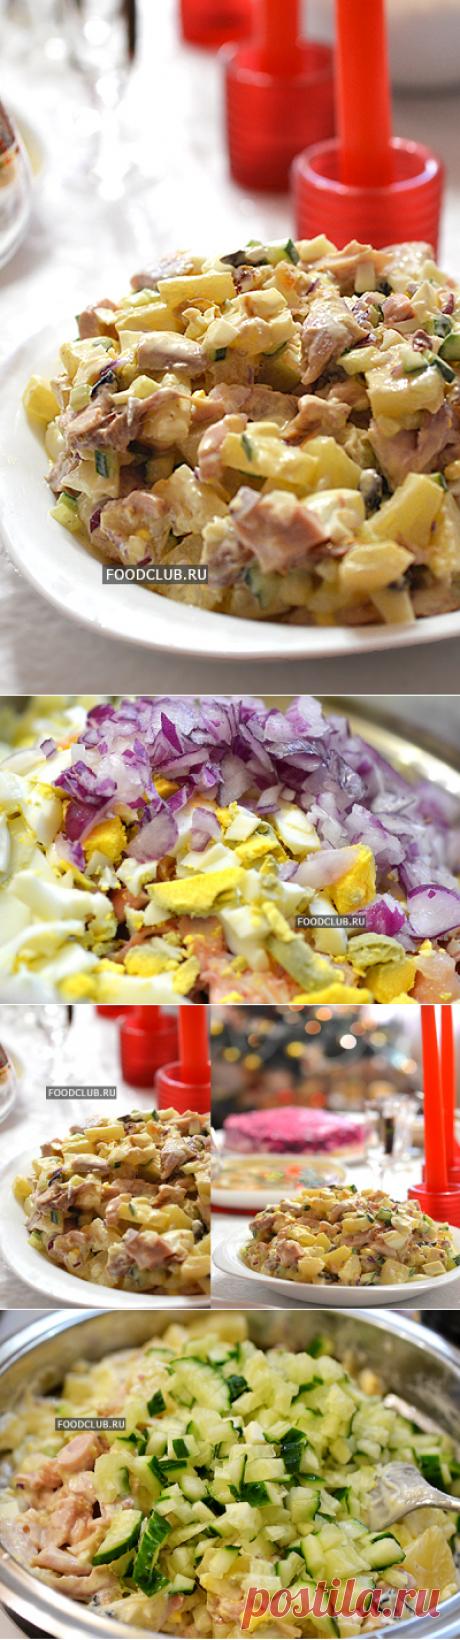 Освежающий праздничный салат с курицей